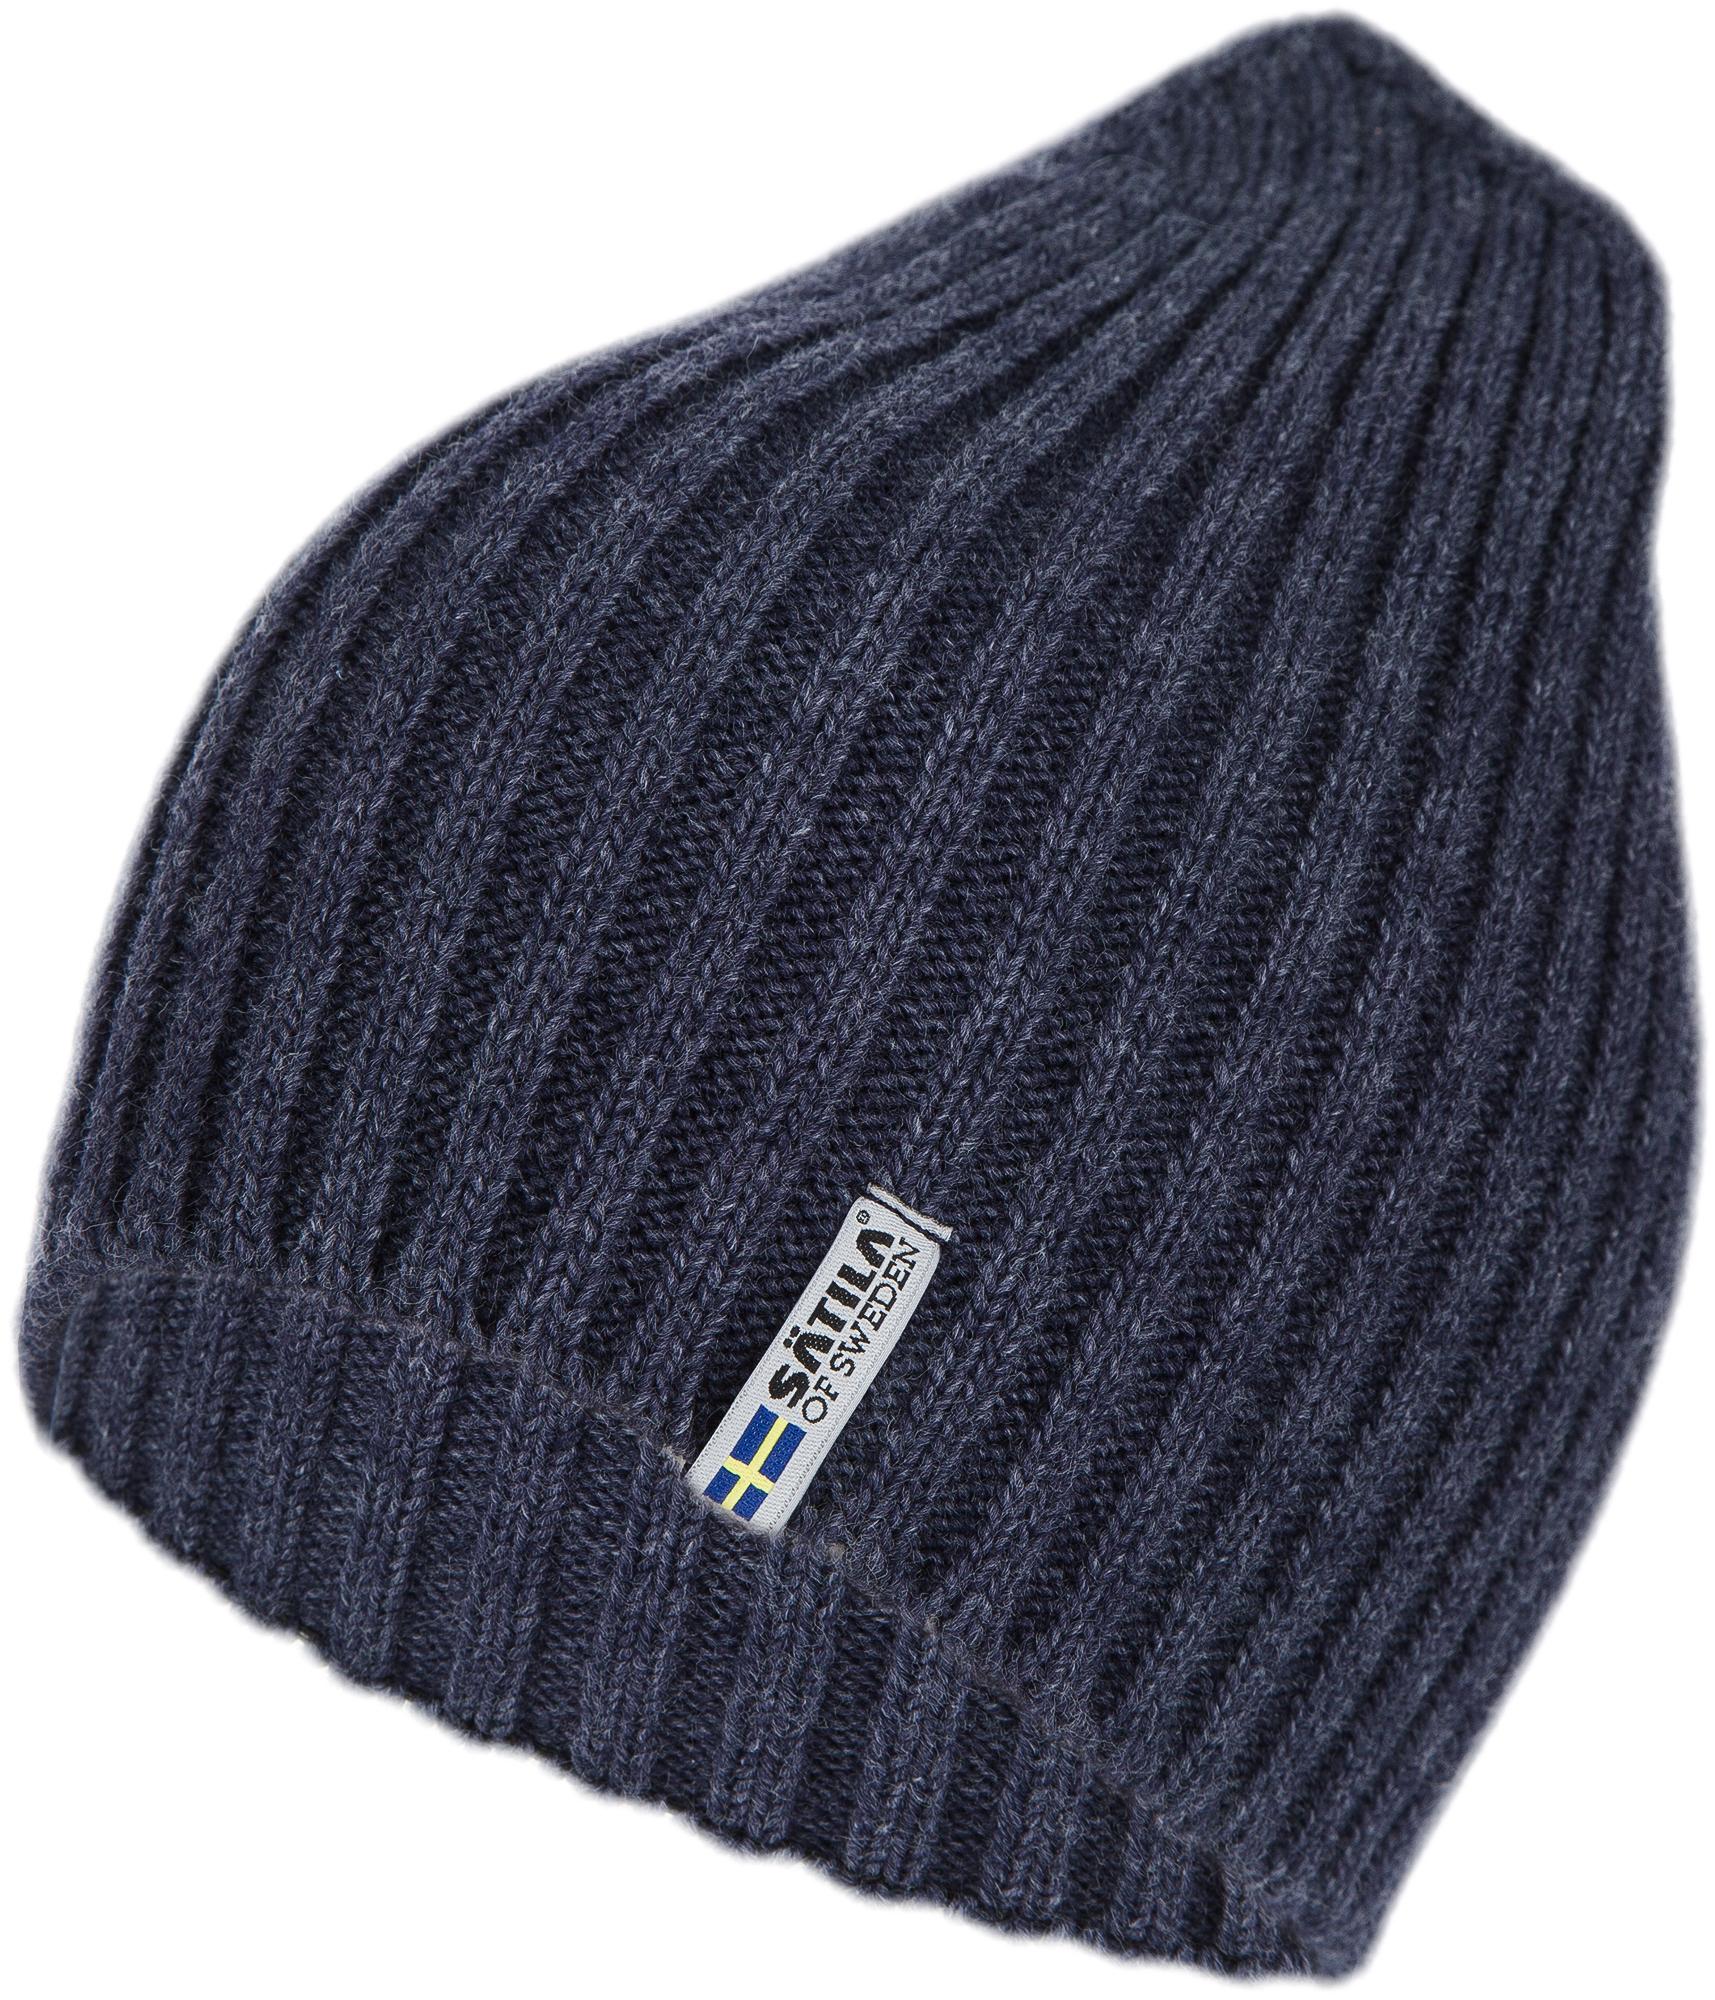 Satila Шапка Satila Noodly, размер 58 satila шапка satila reflect размер 58